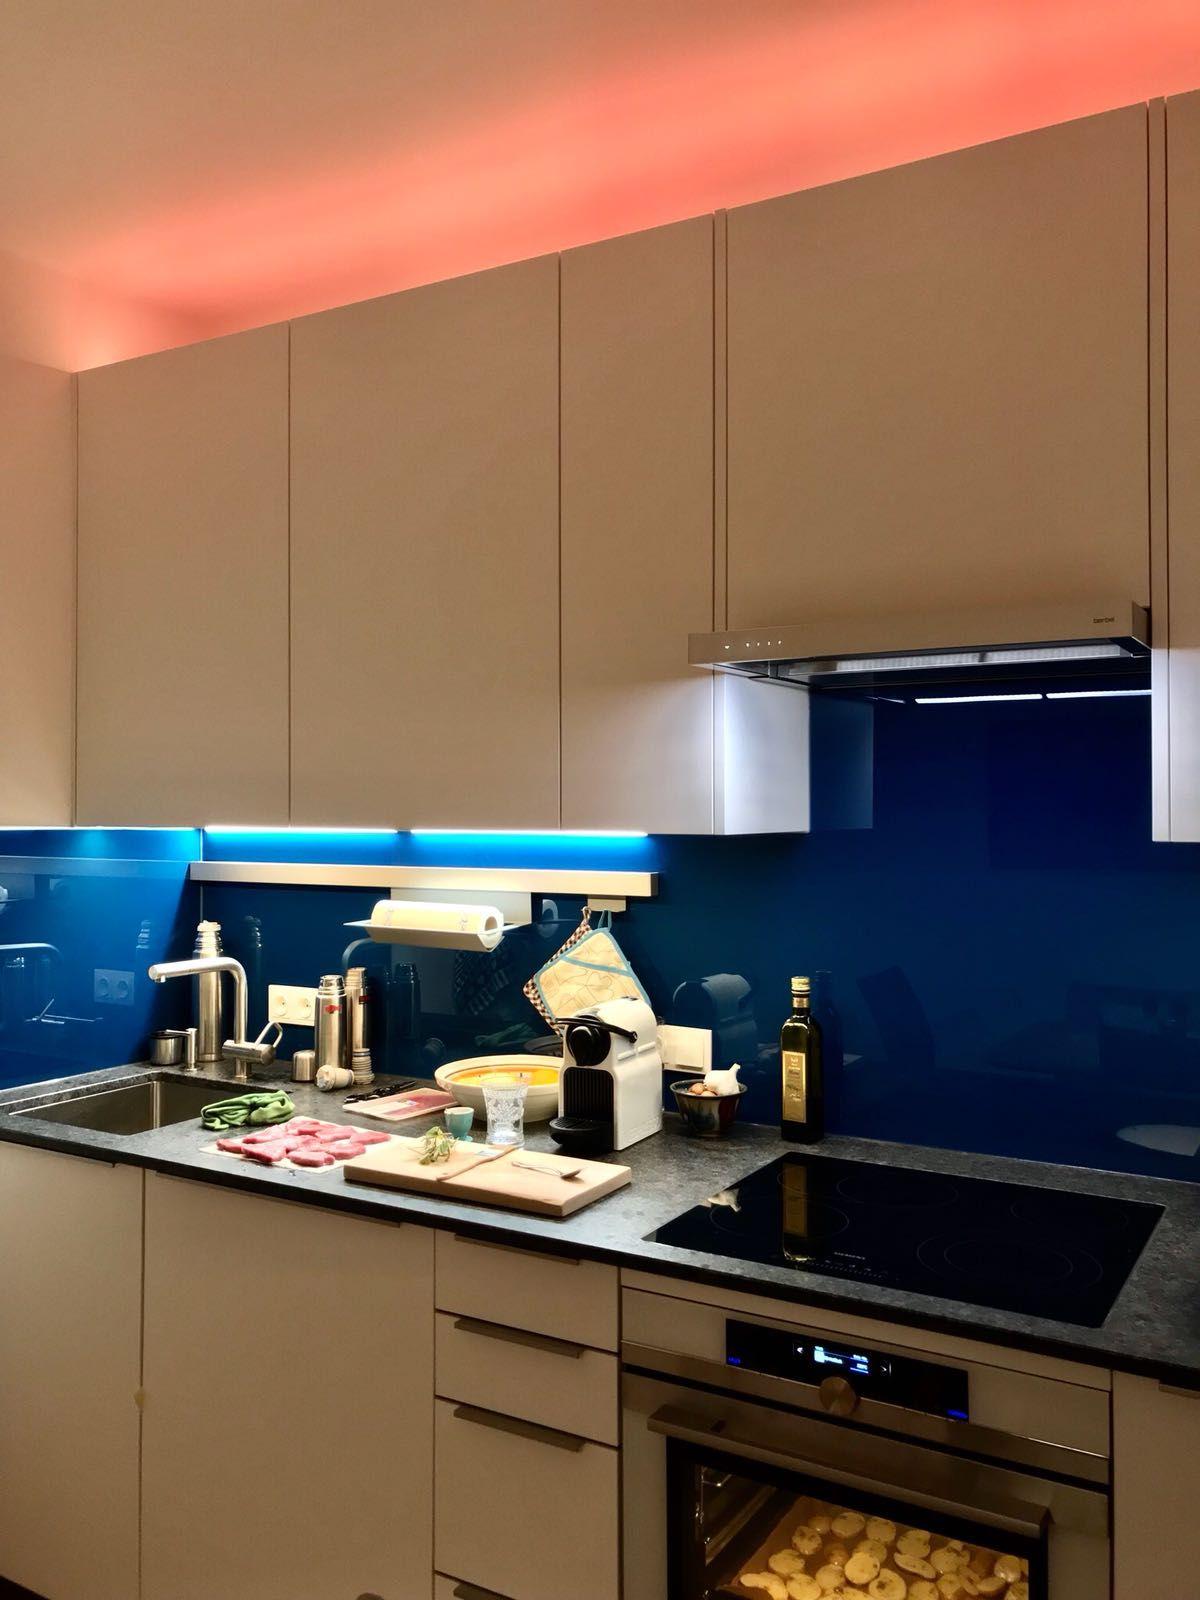 ledbeleuchtung in der küche mit wechselnder farbe